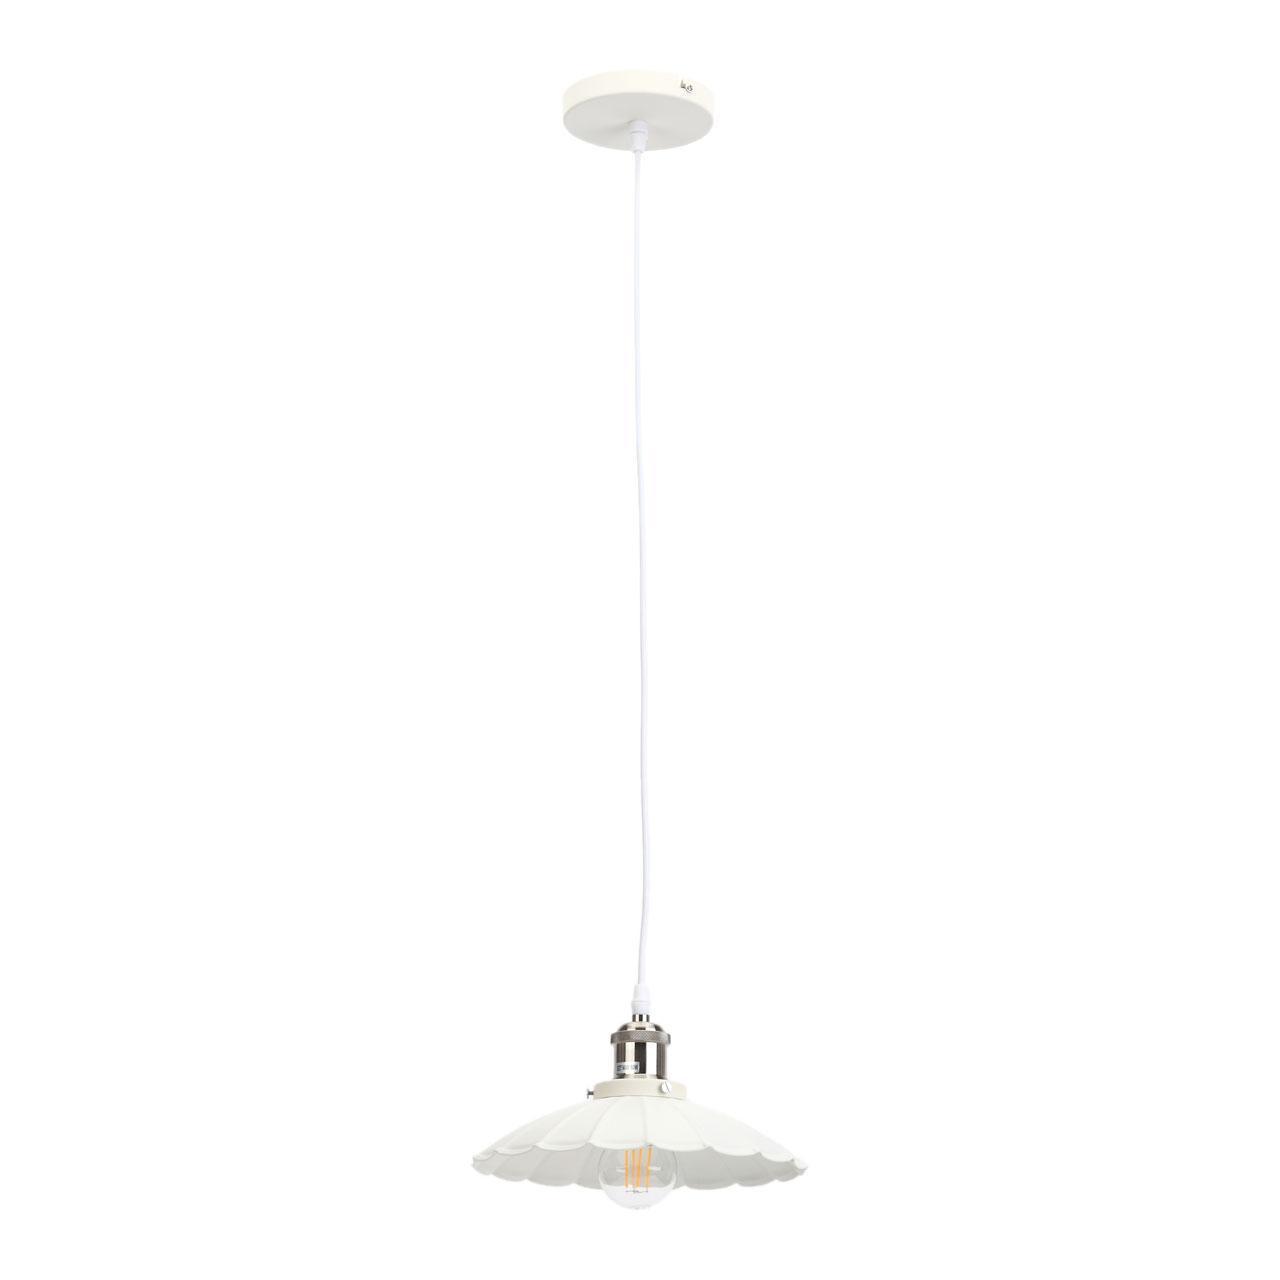 Подвесной светильник Эра PL3 WH/SN, E27, 60 Вт цены